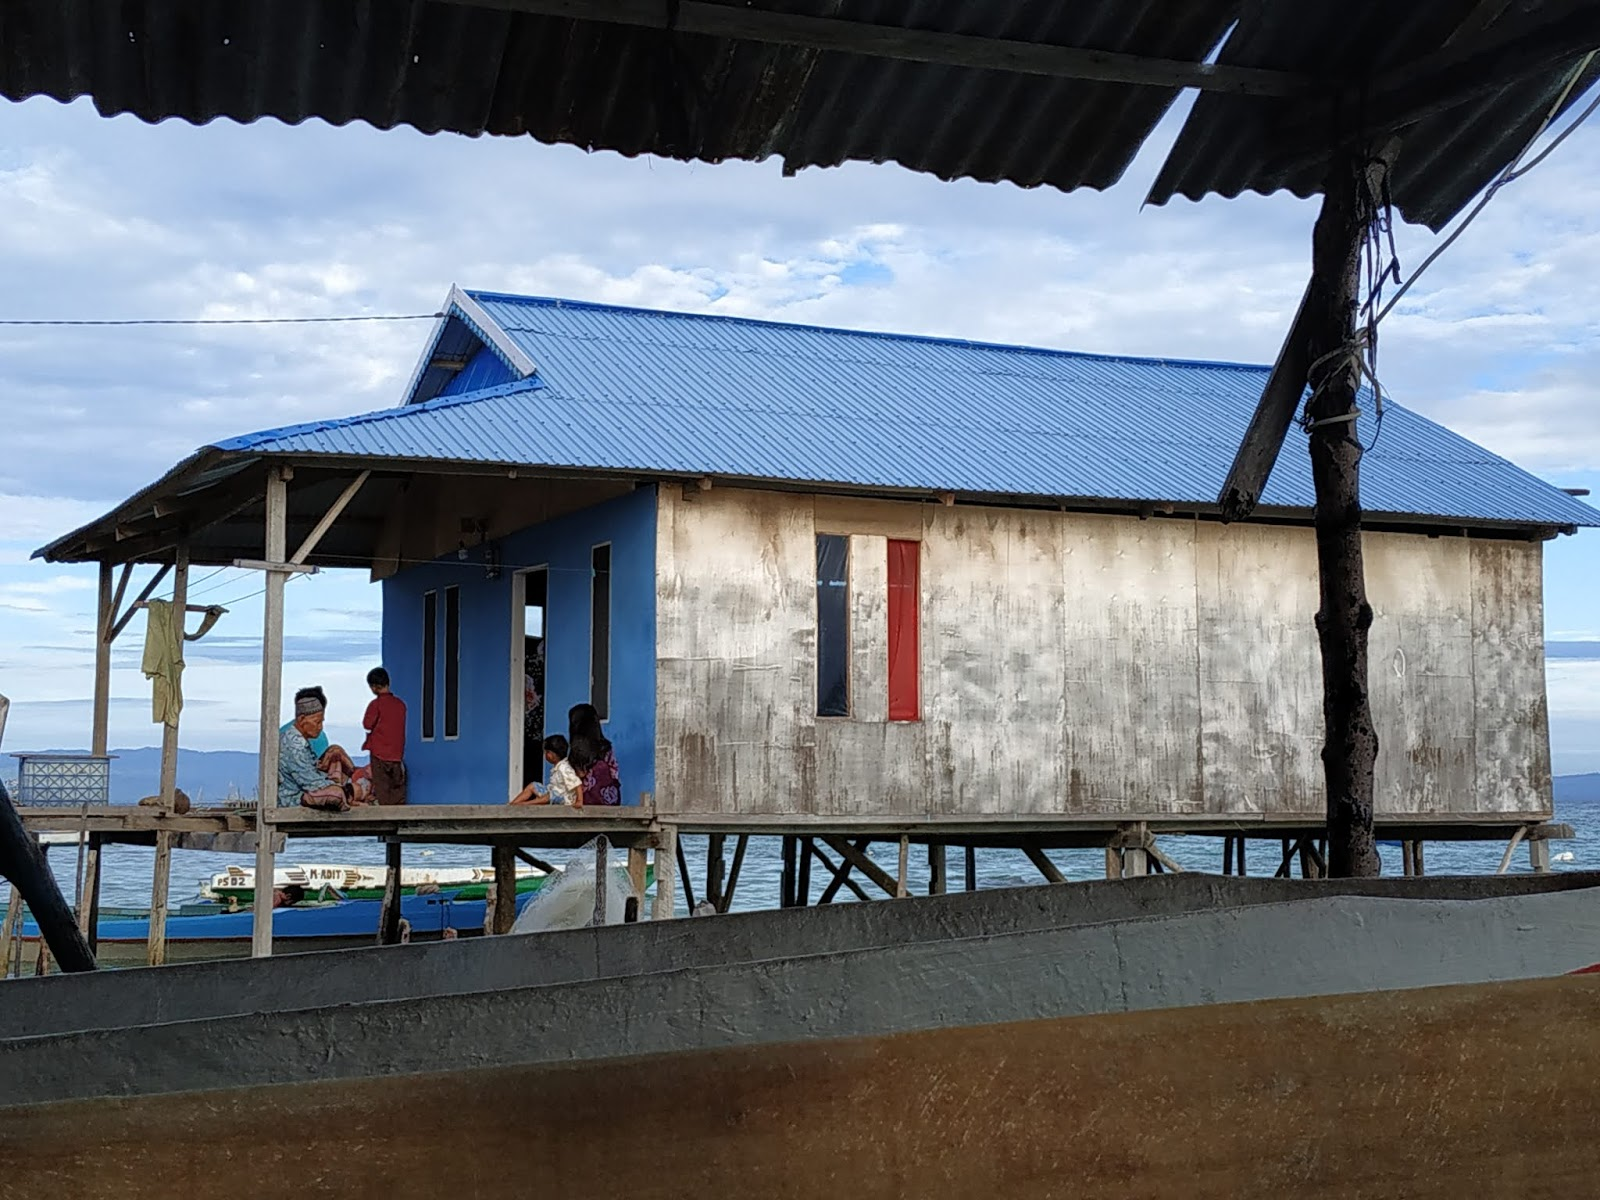 Kondangan ke Pulau Saponda, Angin Kencang, dan Kesurupan